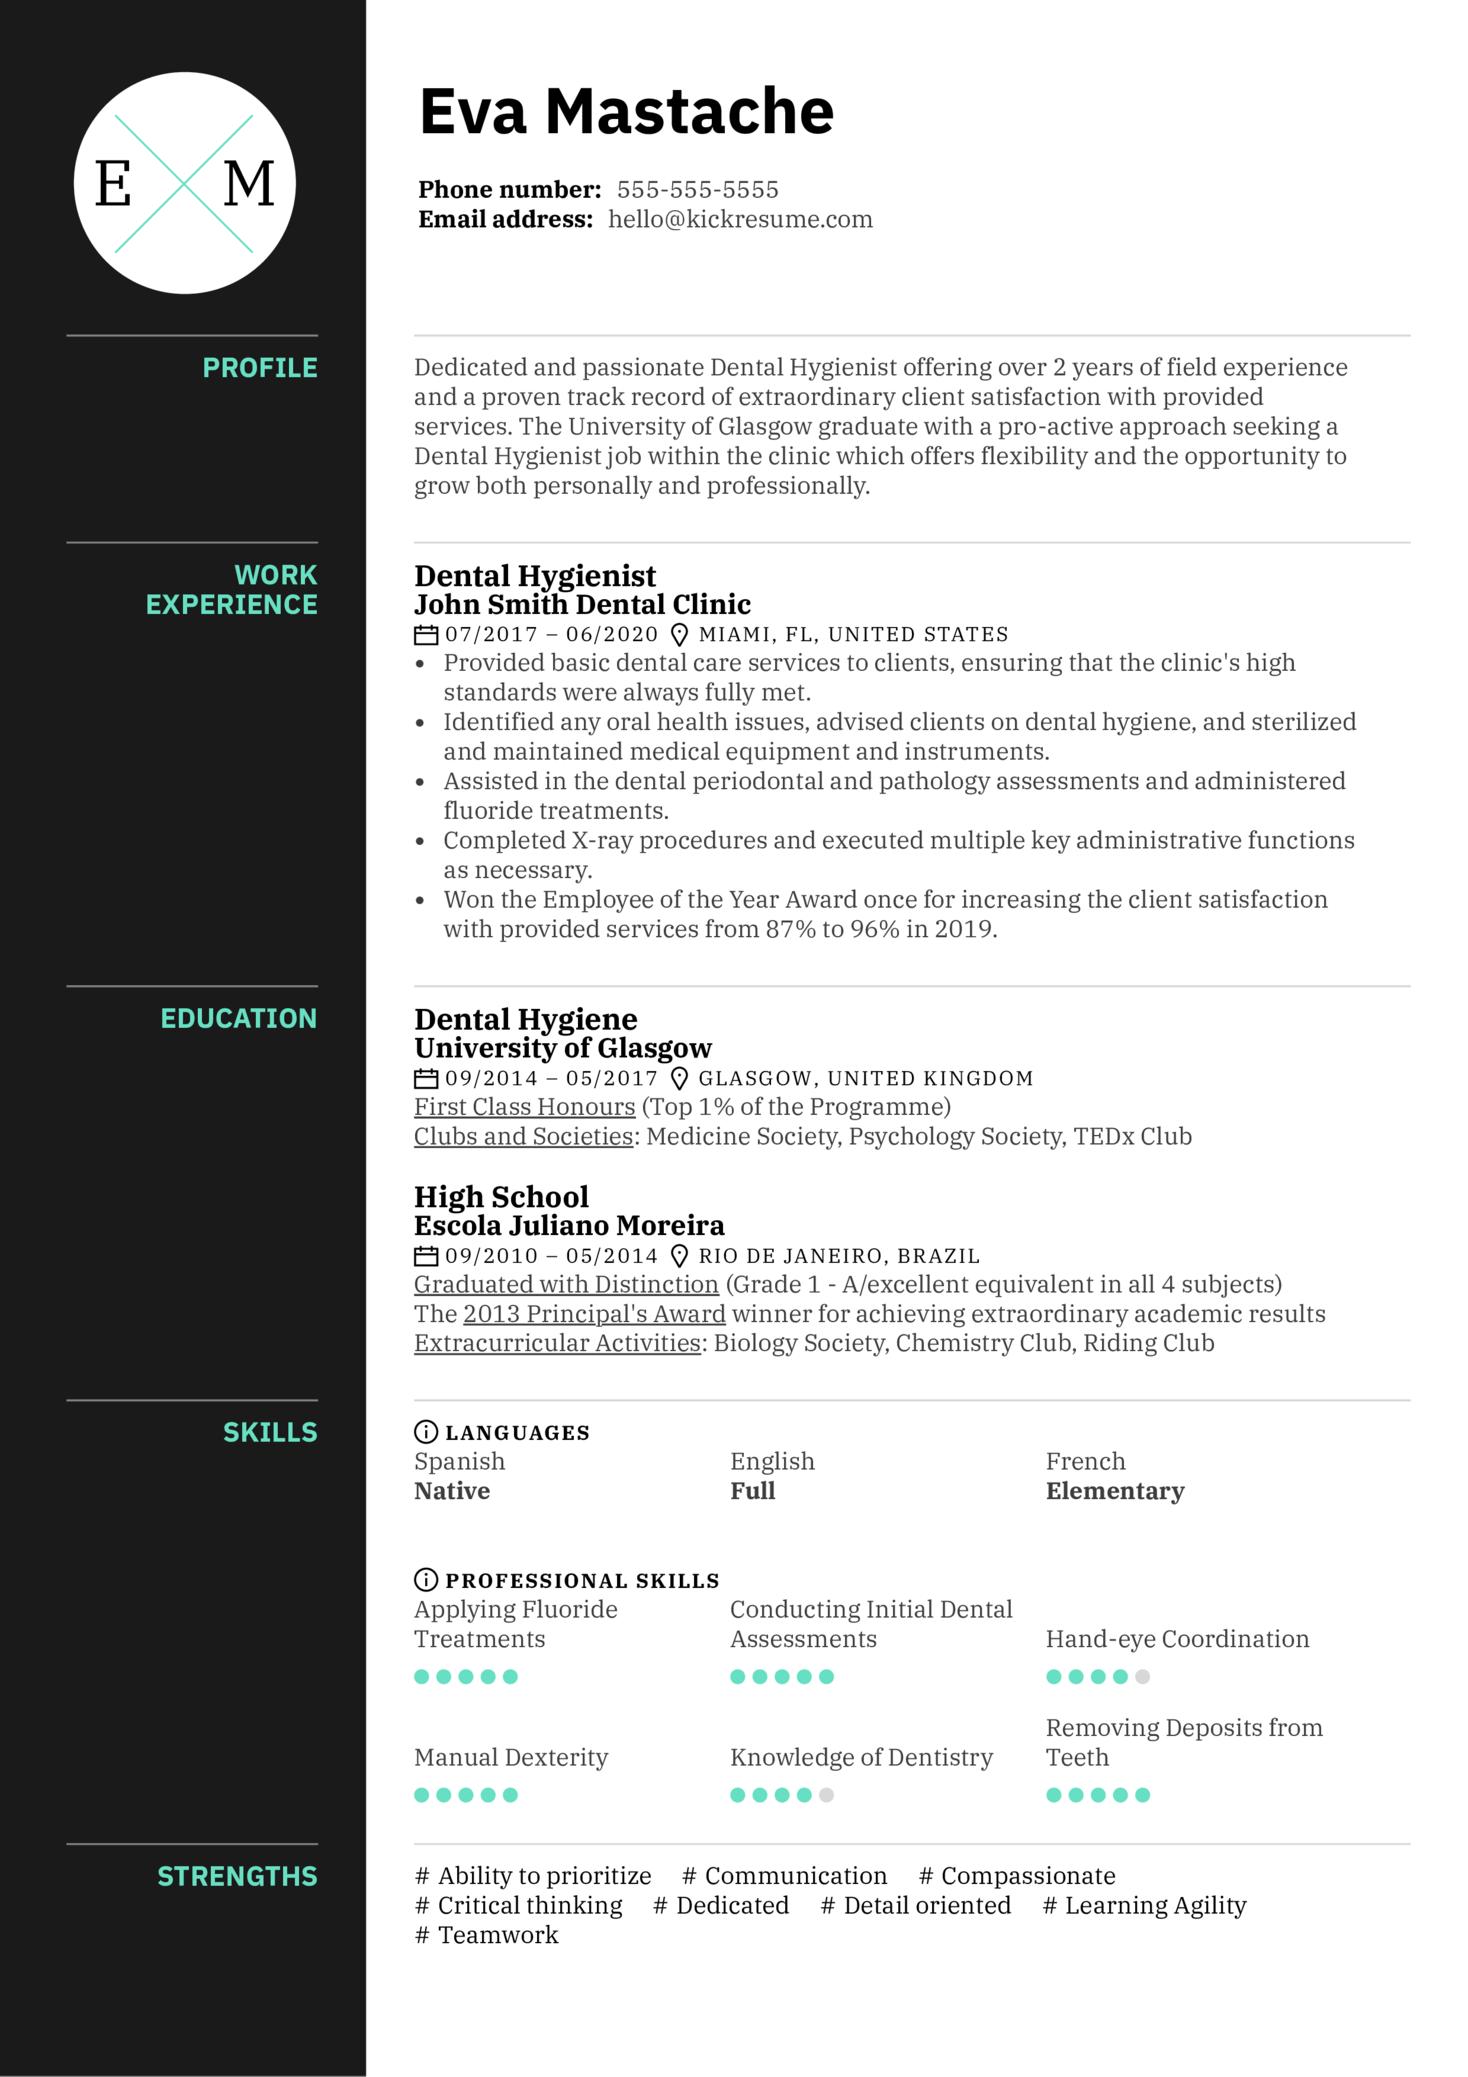 Dental Hygienist Resume Example (časť 1)